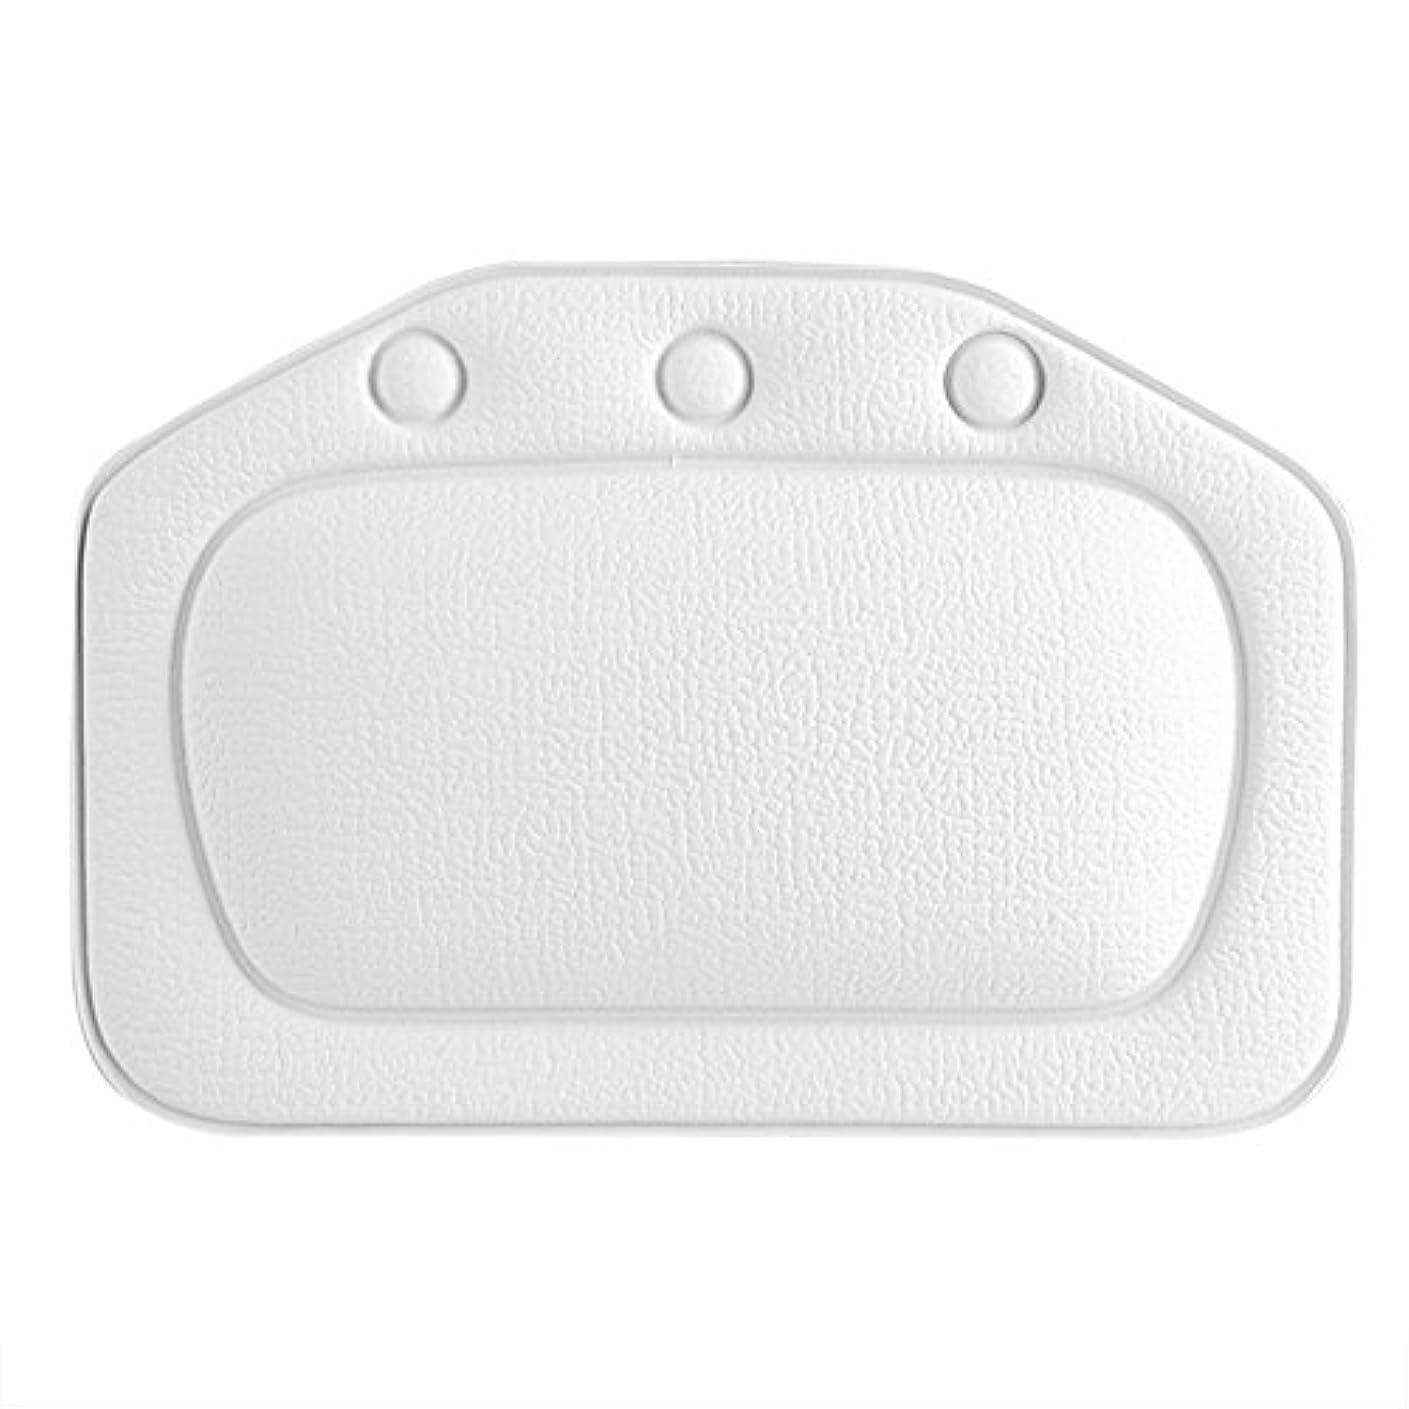 カールゴール小さいスパバスピロー、ソフトフォームパッド付き人間工学に基づいたバスタブクッションピロー浴槽ヘッドレストヘッドネックバッククッションピロー(白)